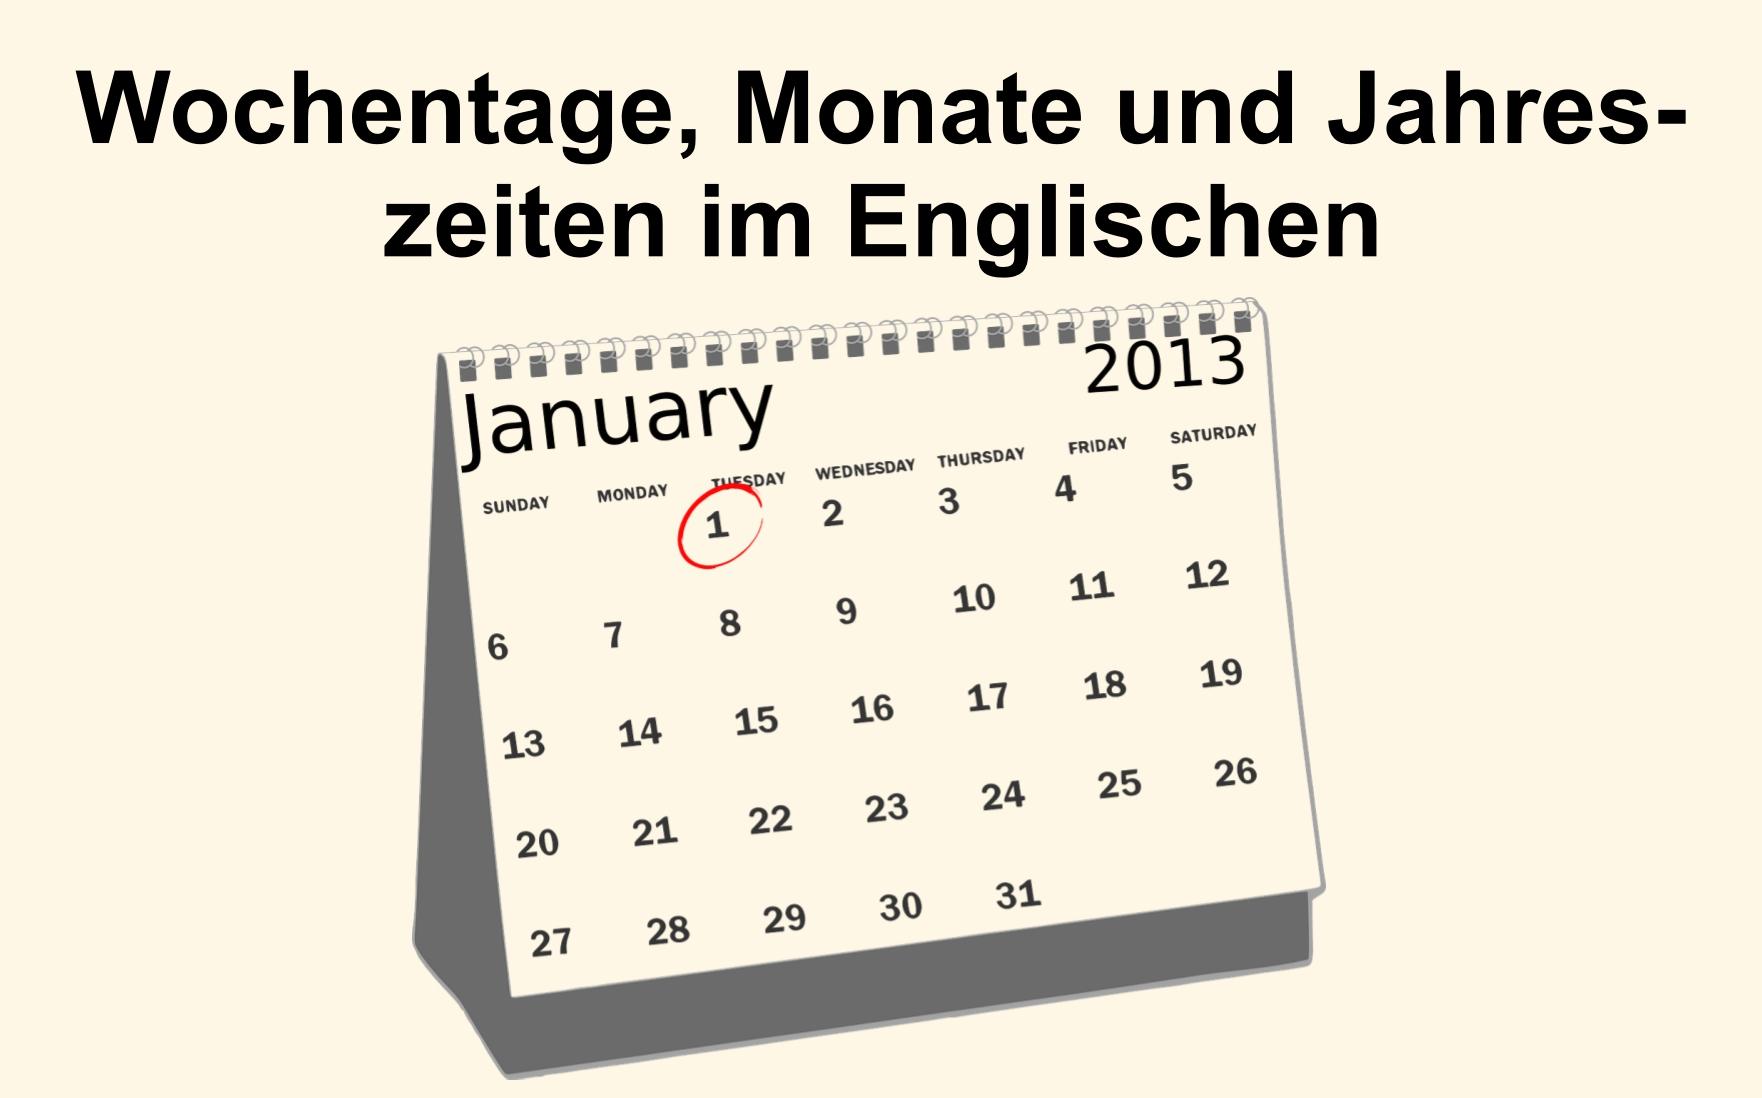 Wochentage, Monate und Jahreszeiten im Englischen